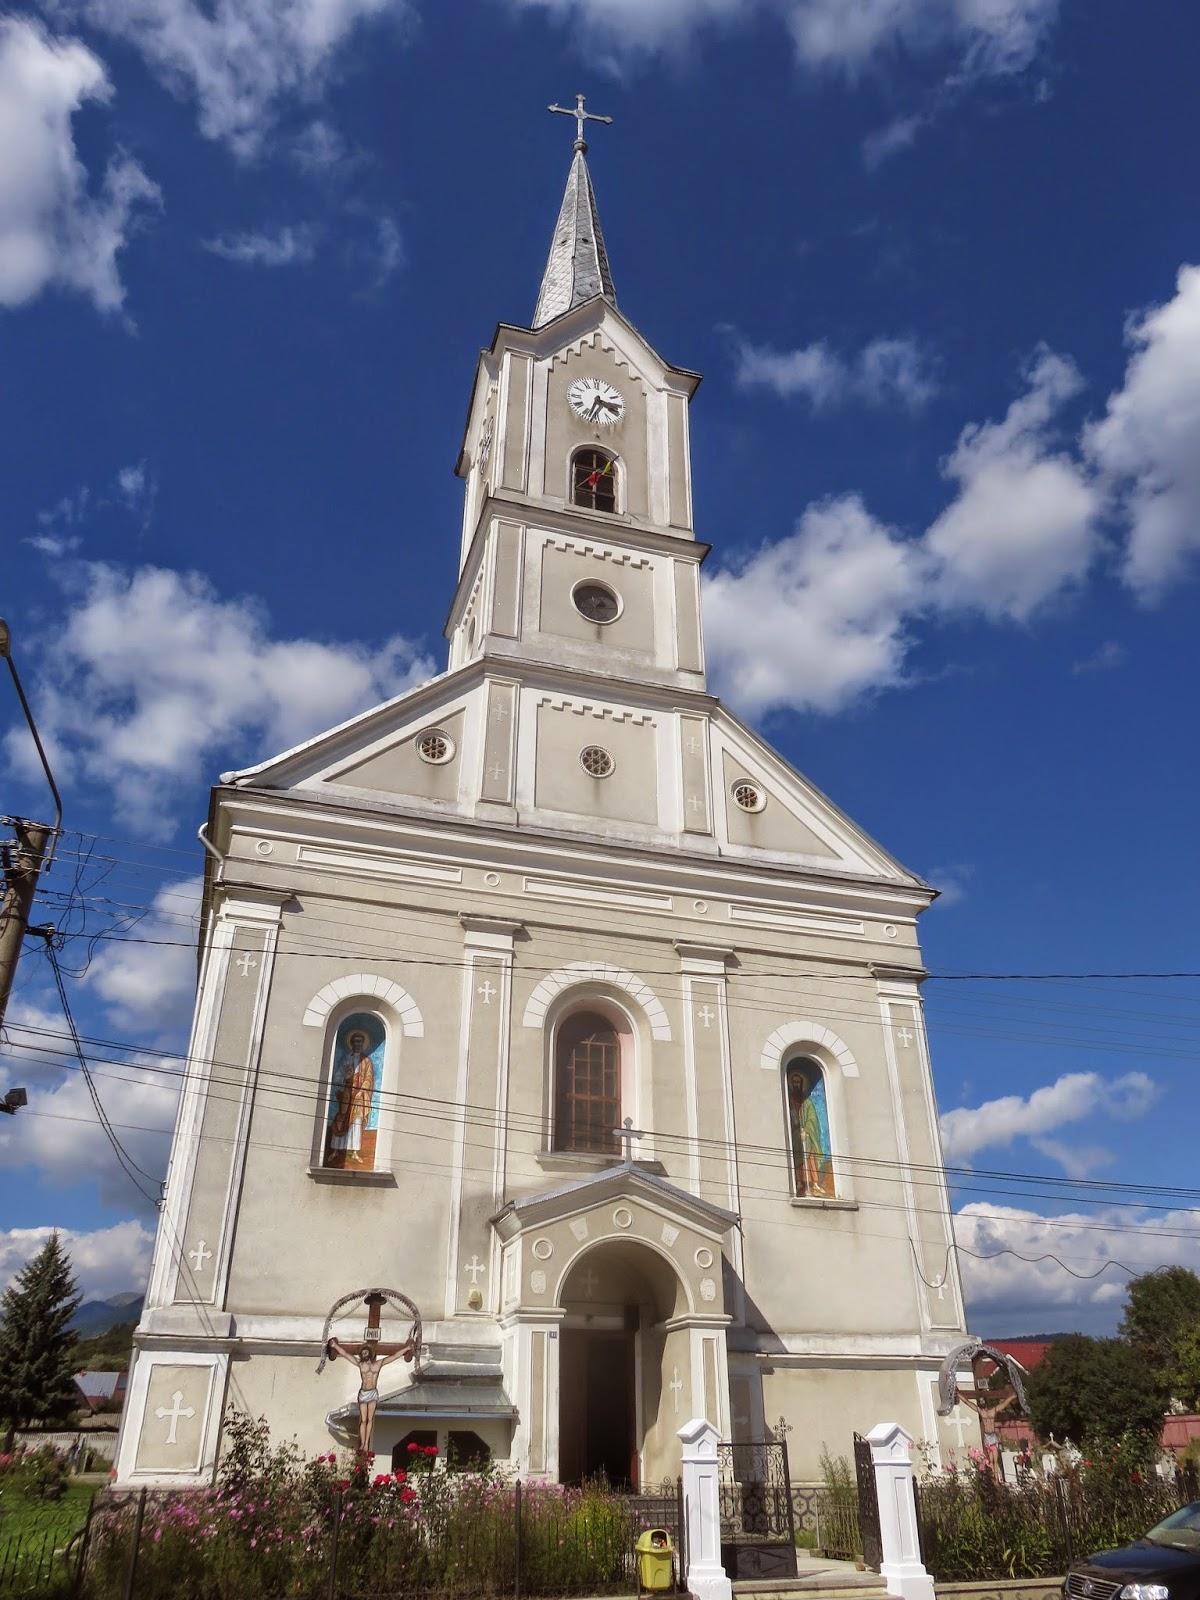 Sangeorz Bai: Biserici, Case parohiale, Centrul de tineret in santier…!